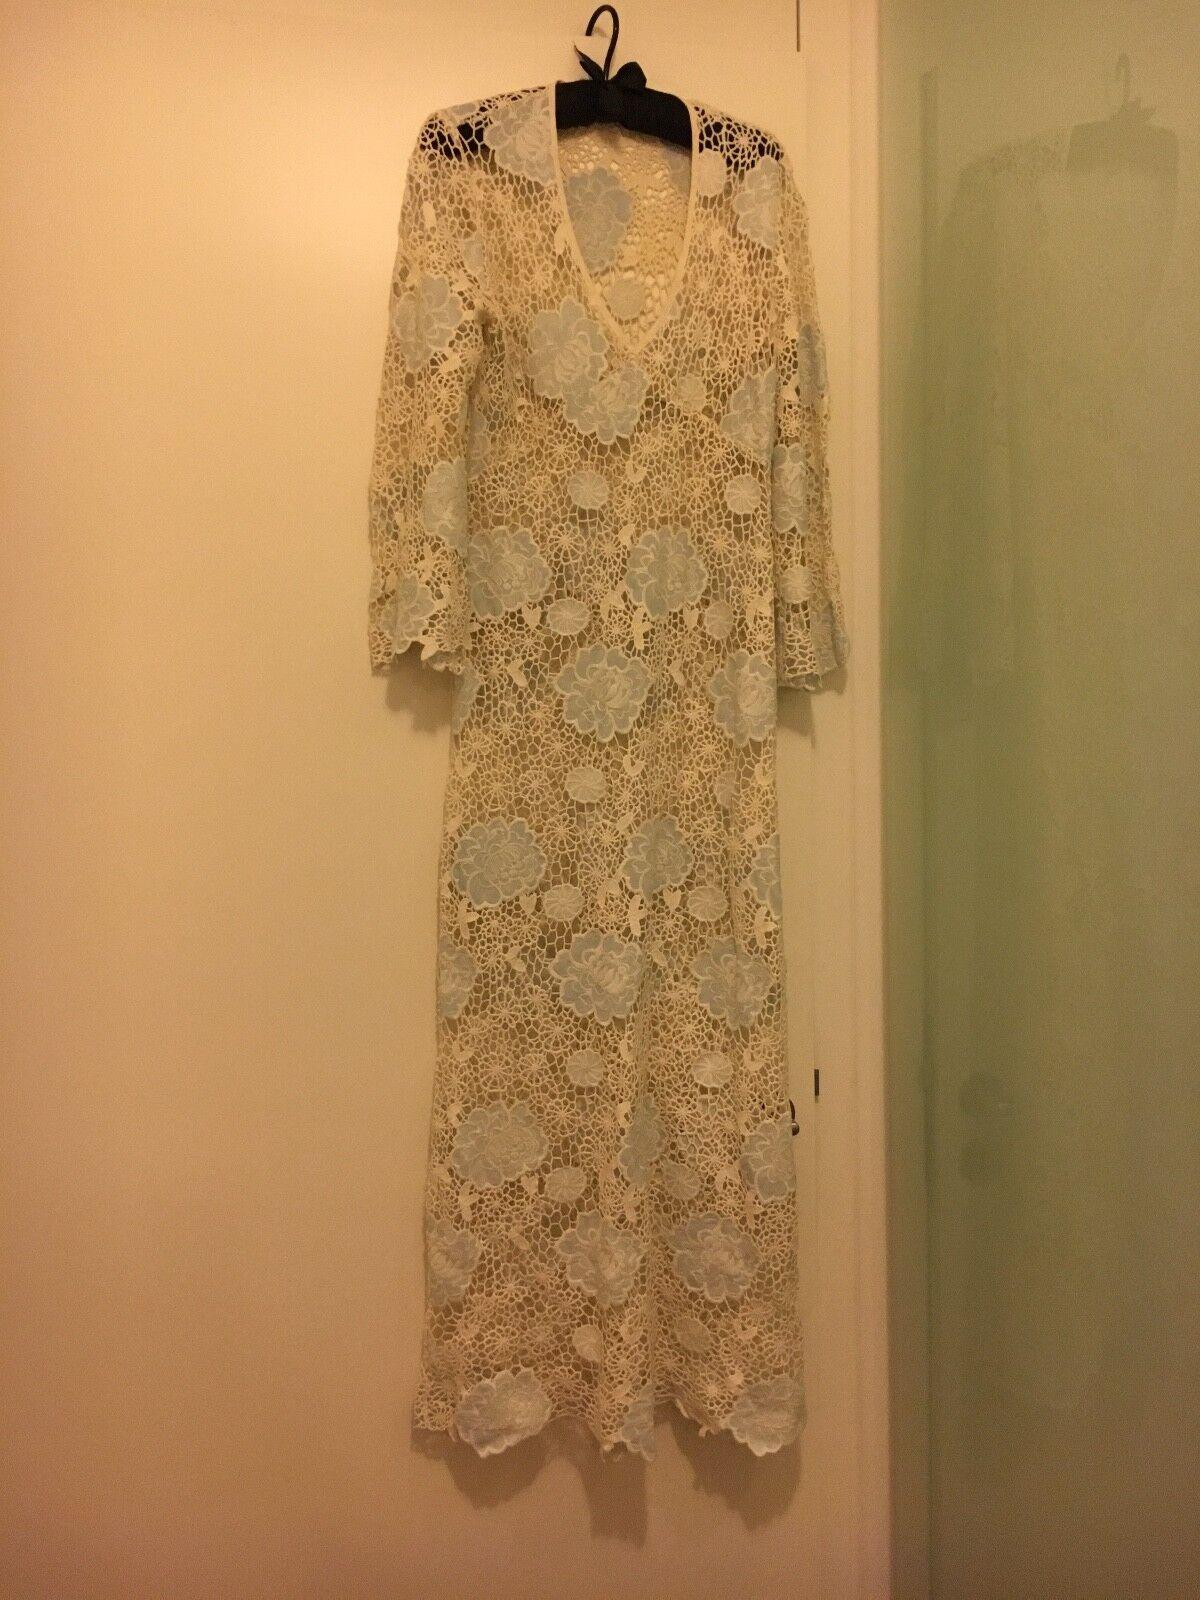 Kleid Valerie Khalfon Paris Gr.36 Gr.36 Gr.36 38 b6291d